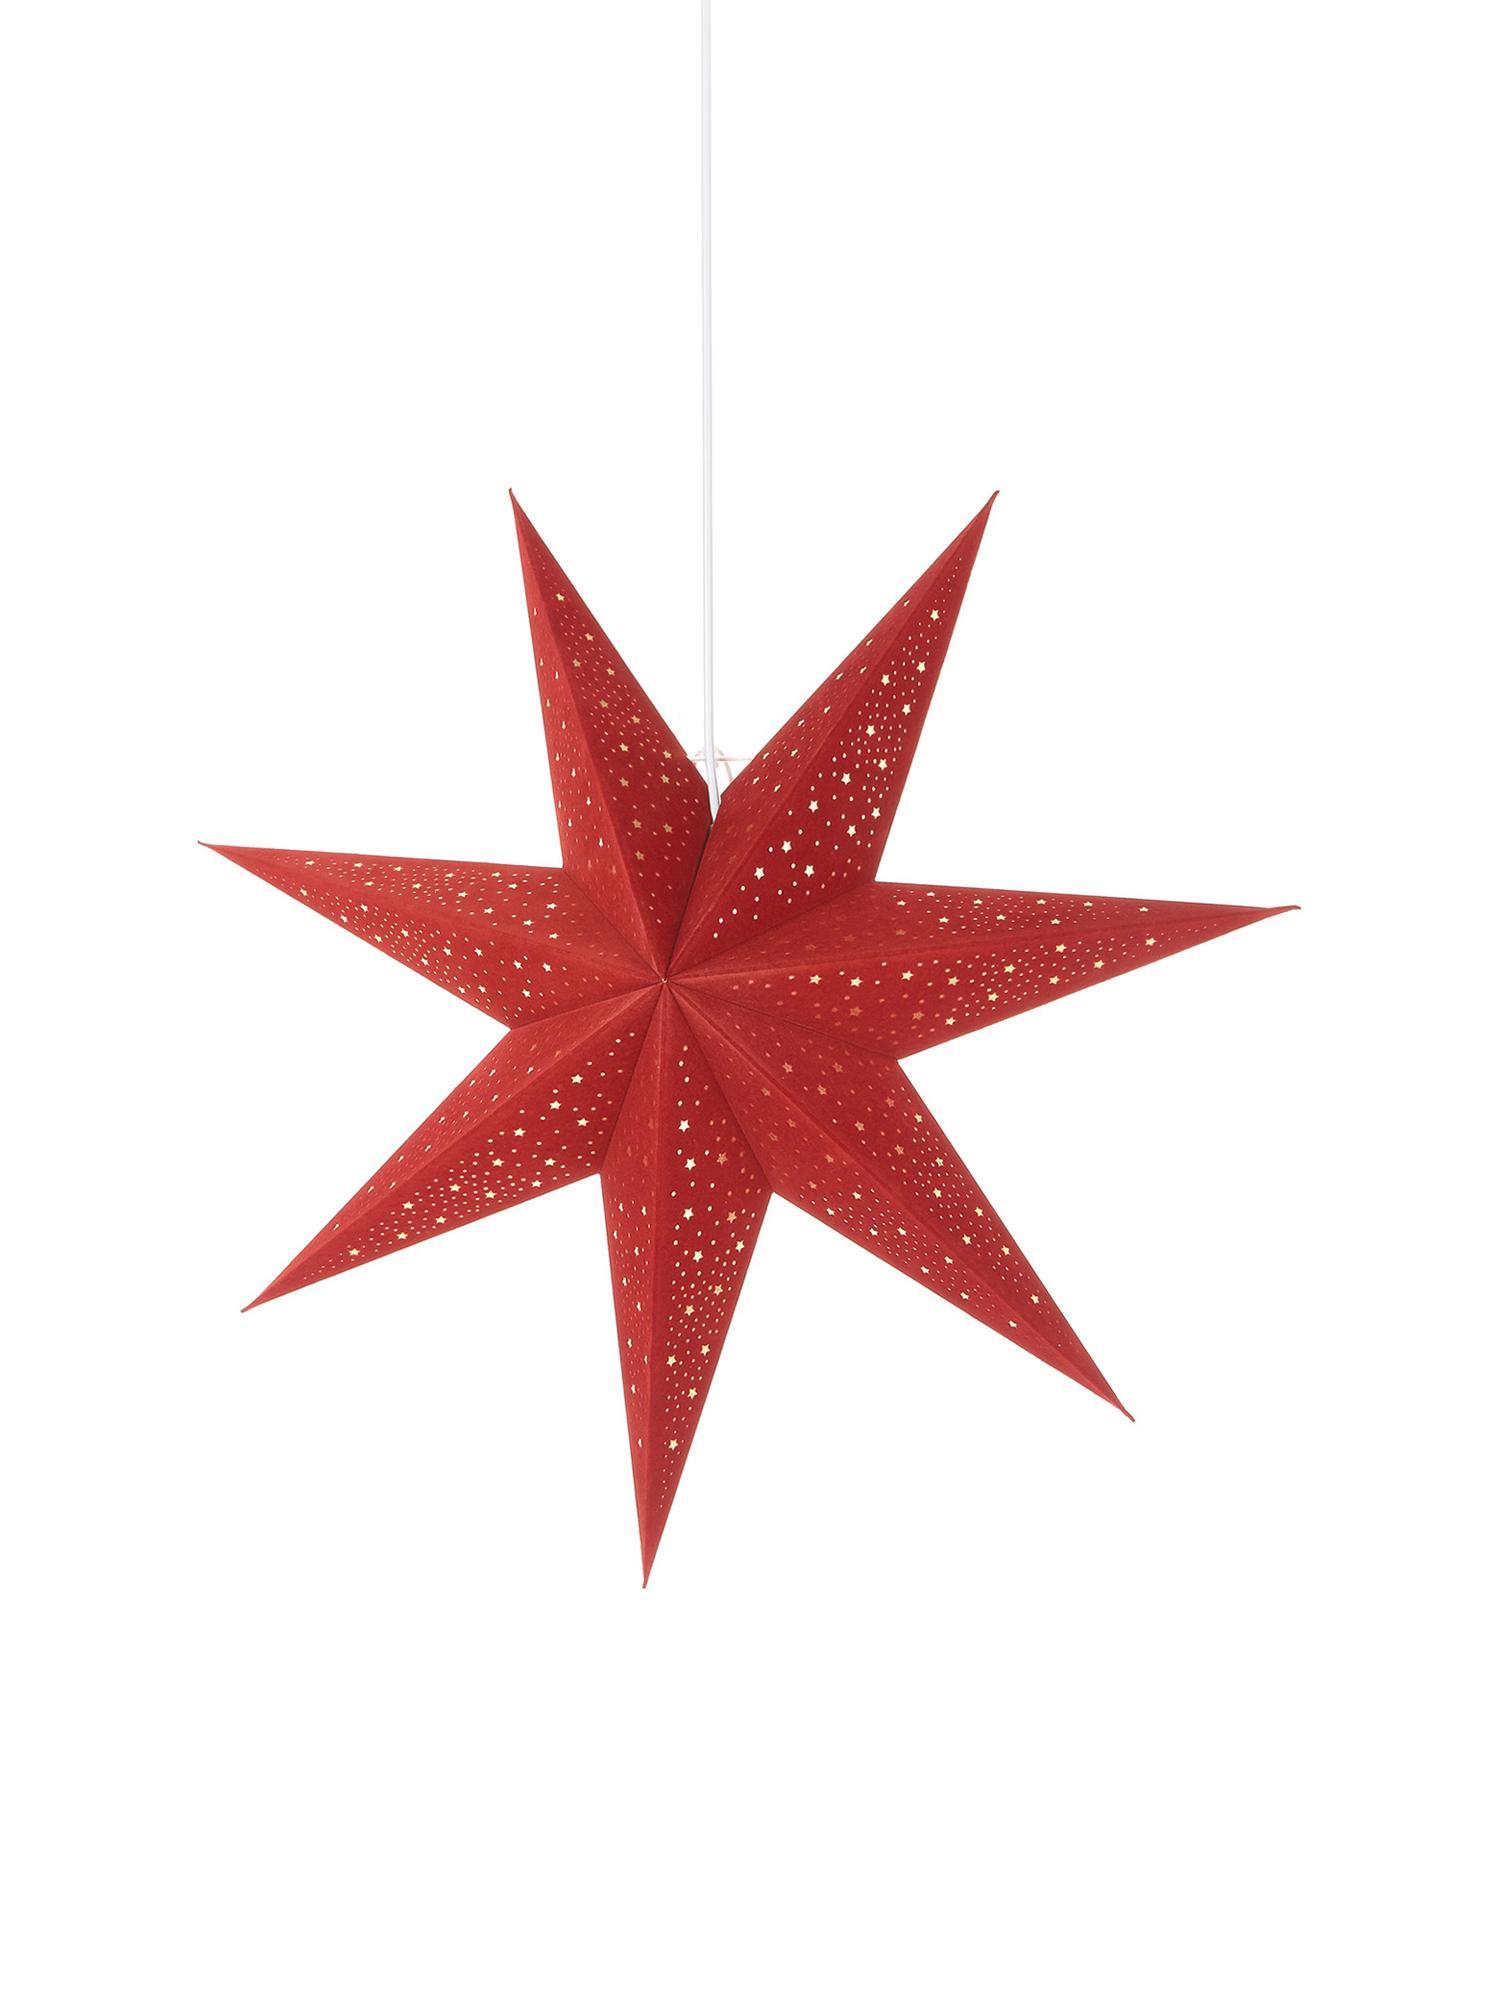 Samt-Weihnachtsstern Orby, Papier, Samt, Rot, Goldfarben, Ø 60 cm